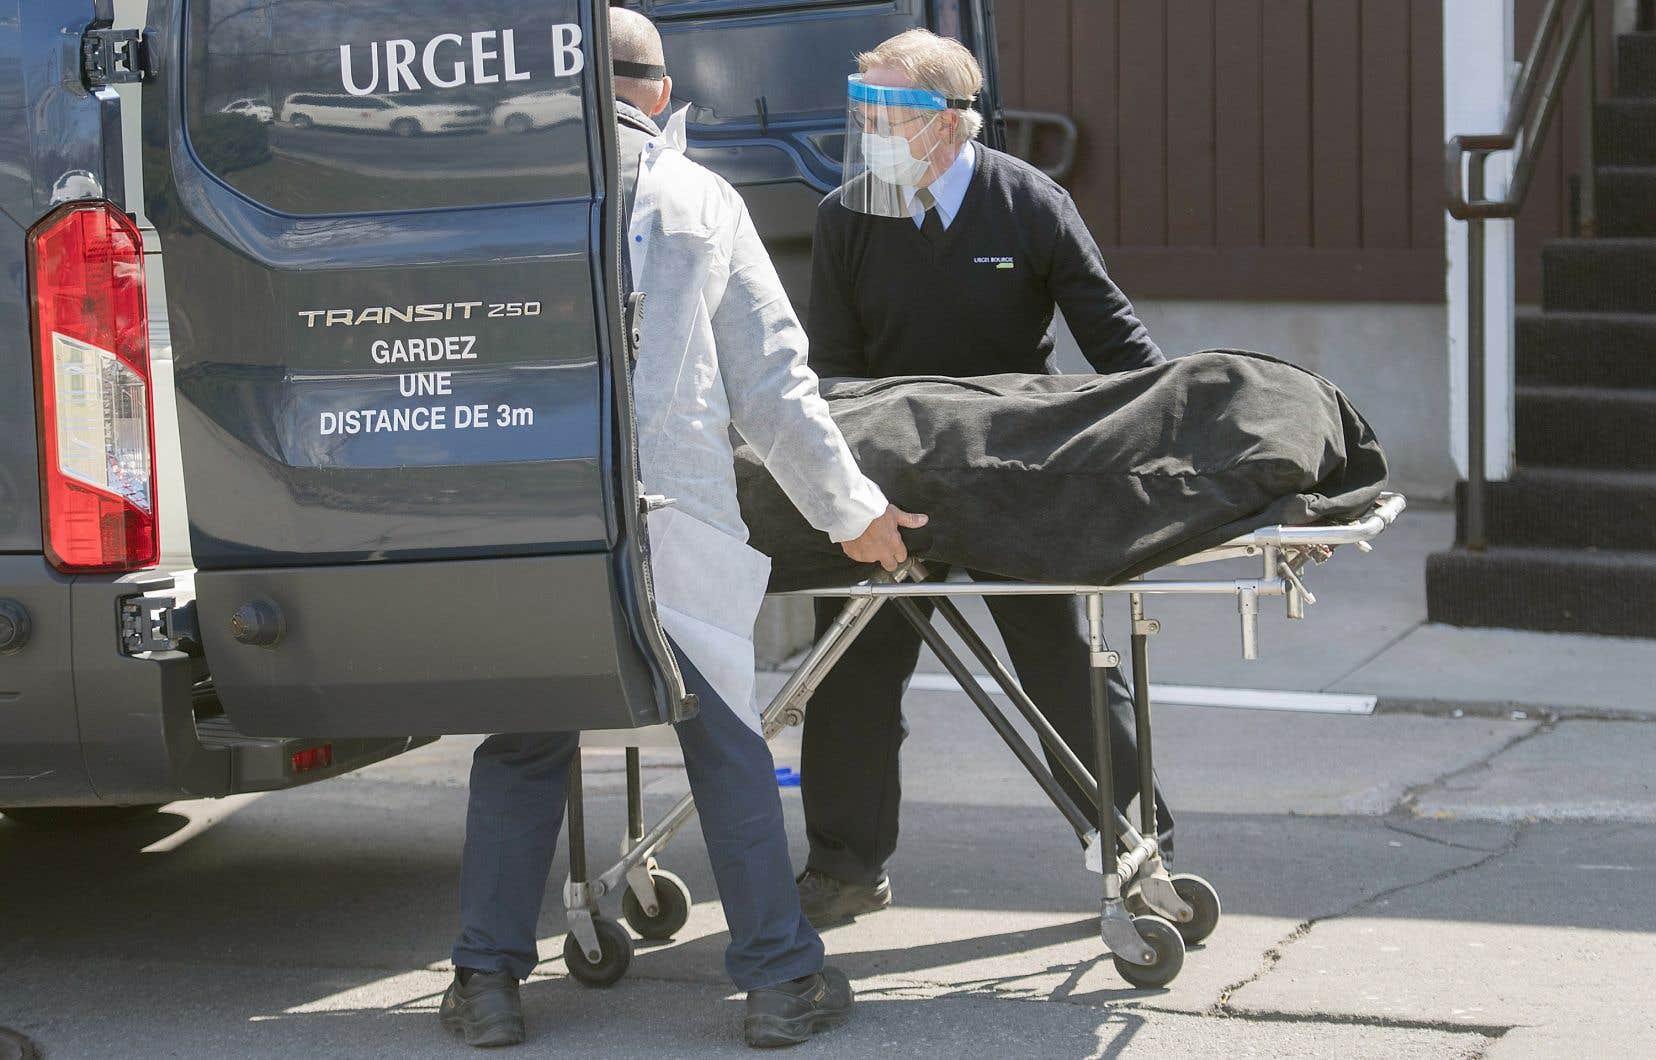 Des employés d'une entreprise funéraire s'occupent de la dépouille d'une personne décédée de la COVID-19 dans une résidence pour personnes âgées de Montréal.